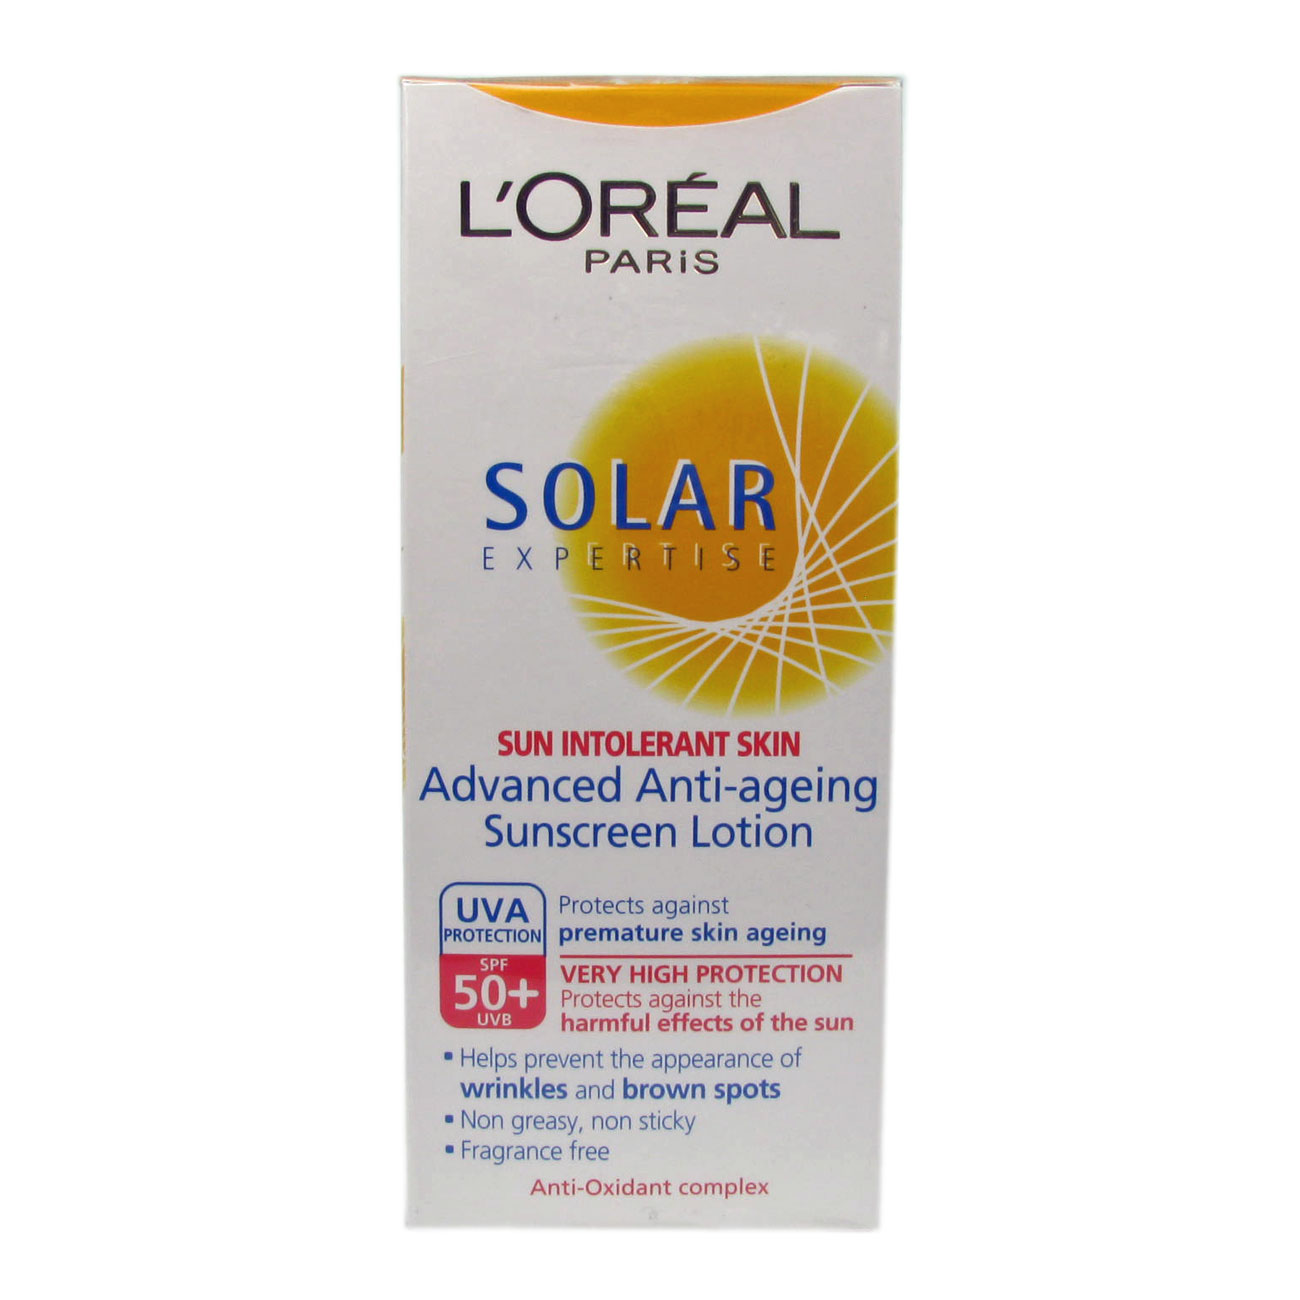 L Oreal Paris Solar Expertise Milk Spf50 150ml Anti